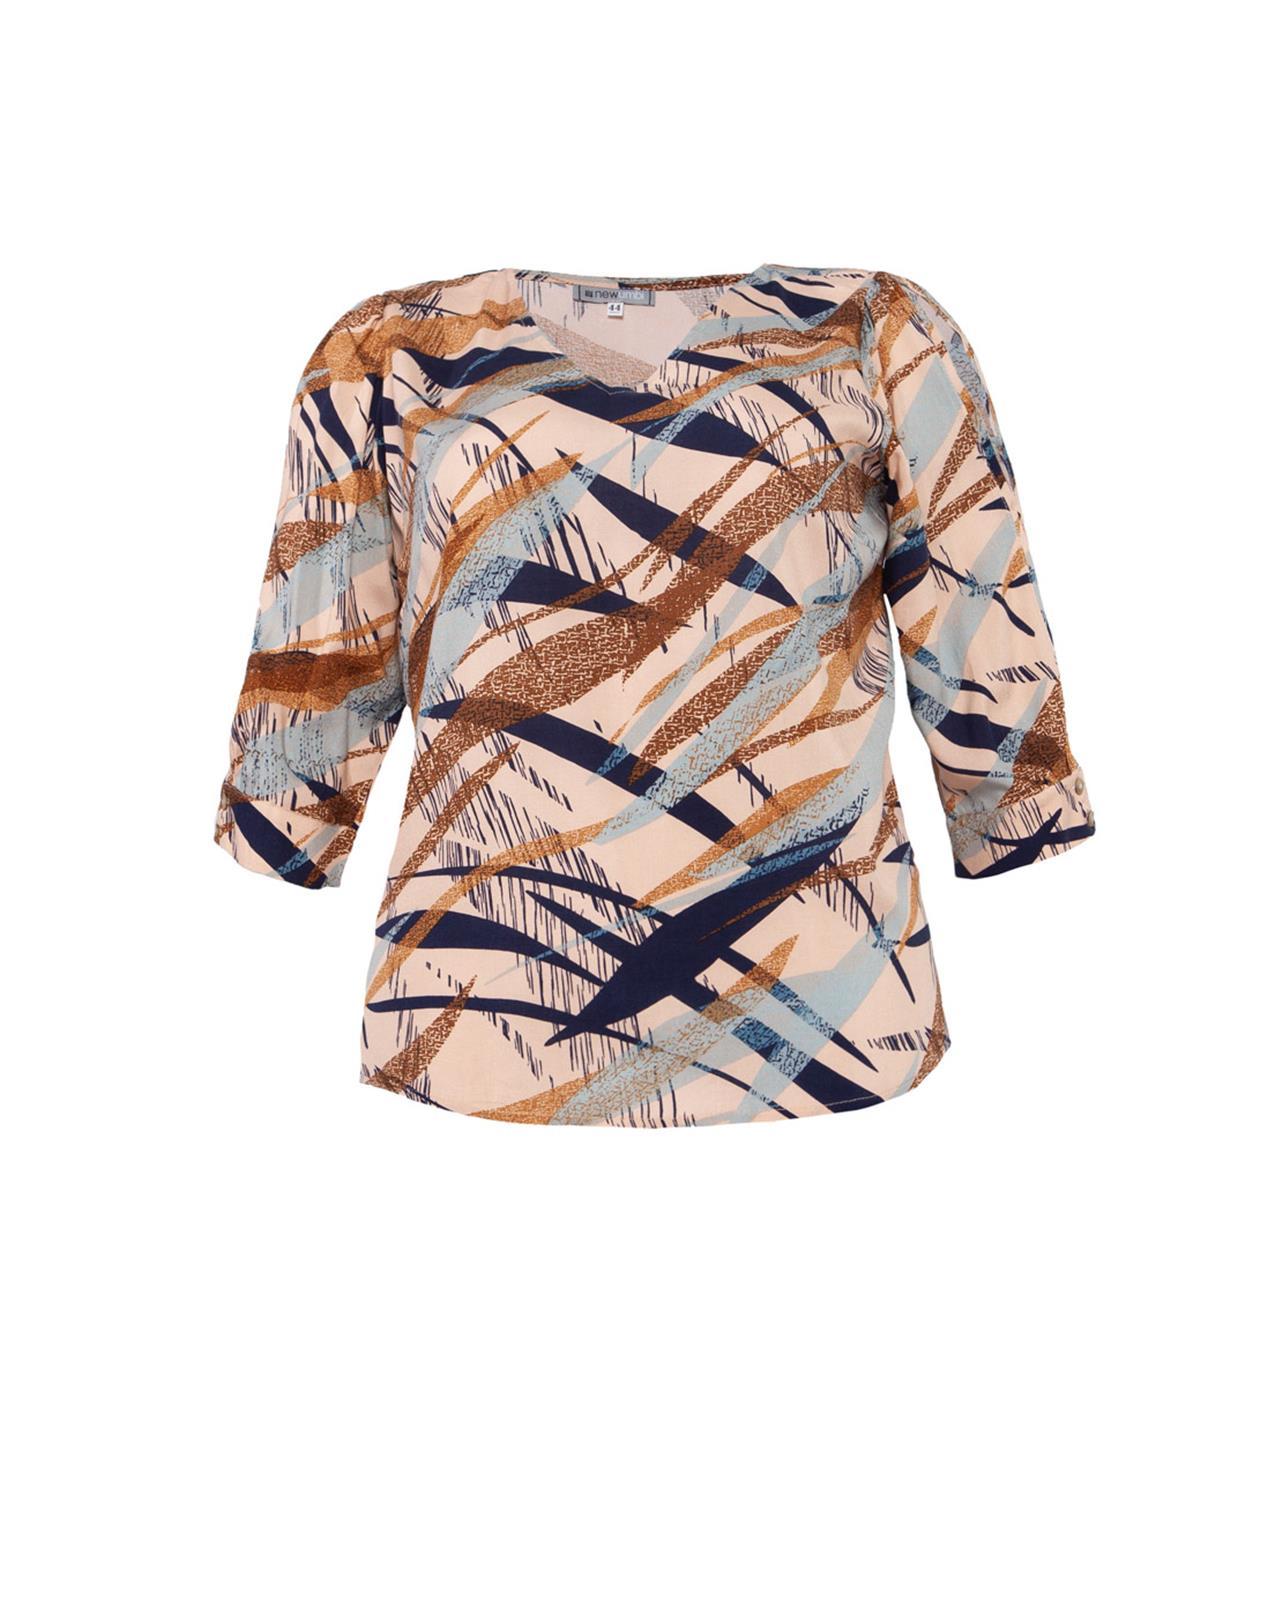 Blusa plus size azul estampada de manguinha 3/4  Ref. U60121